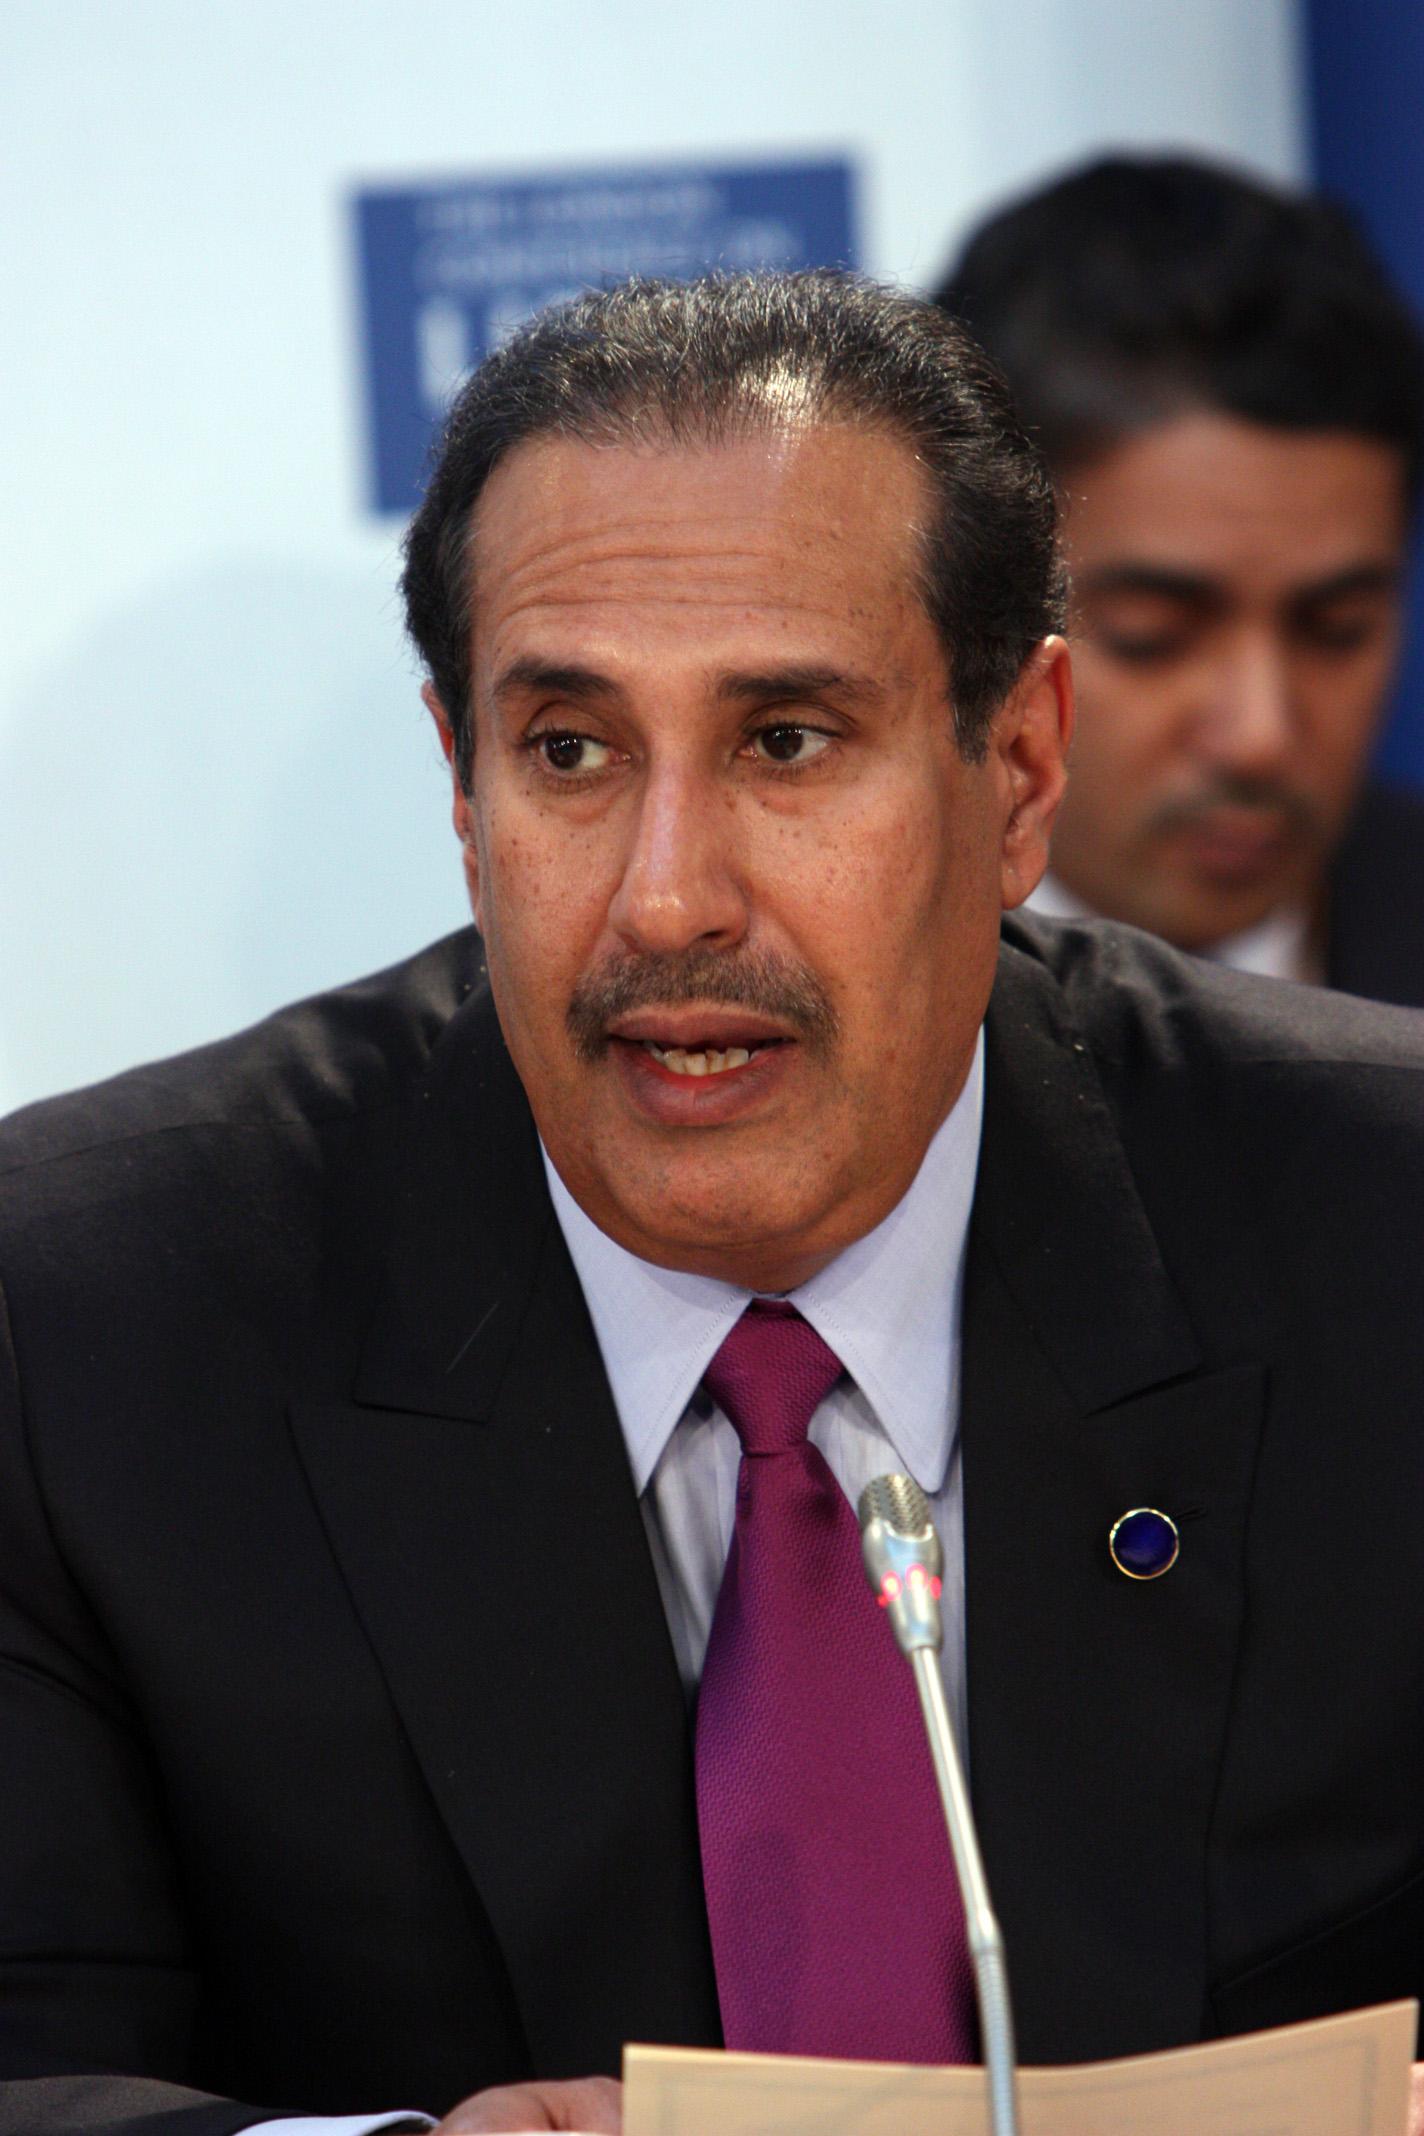 صورة رئيس وزراء قطر الأسبق يحلق شعر فلاح بن حمد تثير تفاعلا Cnn